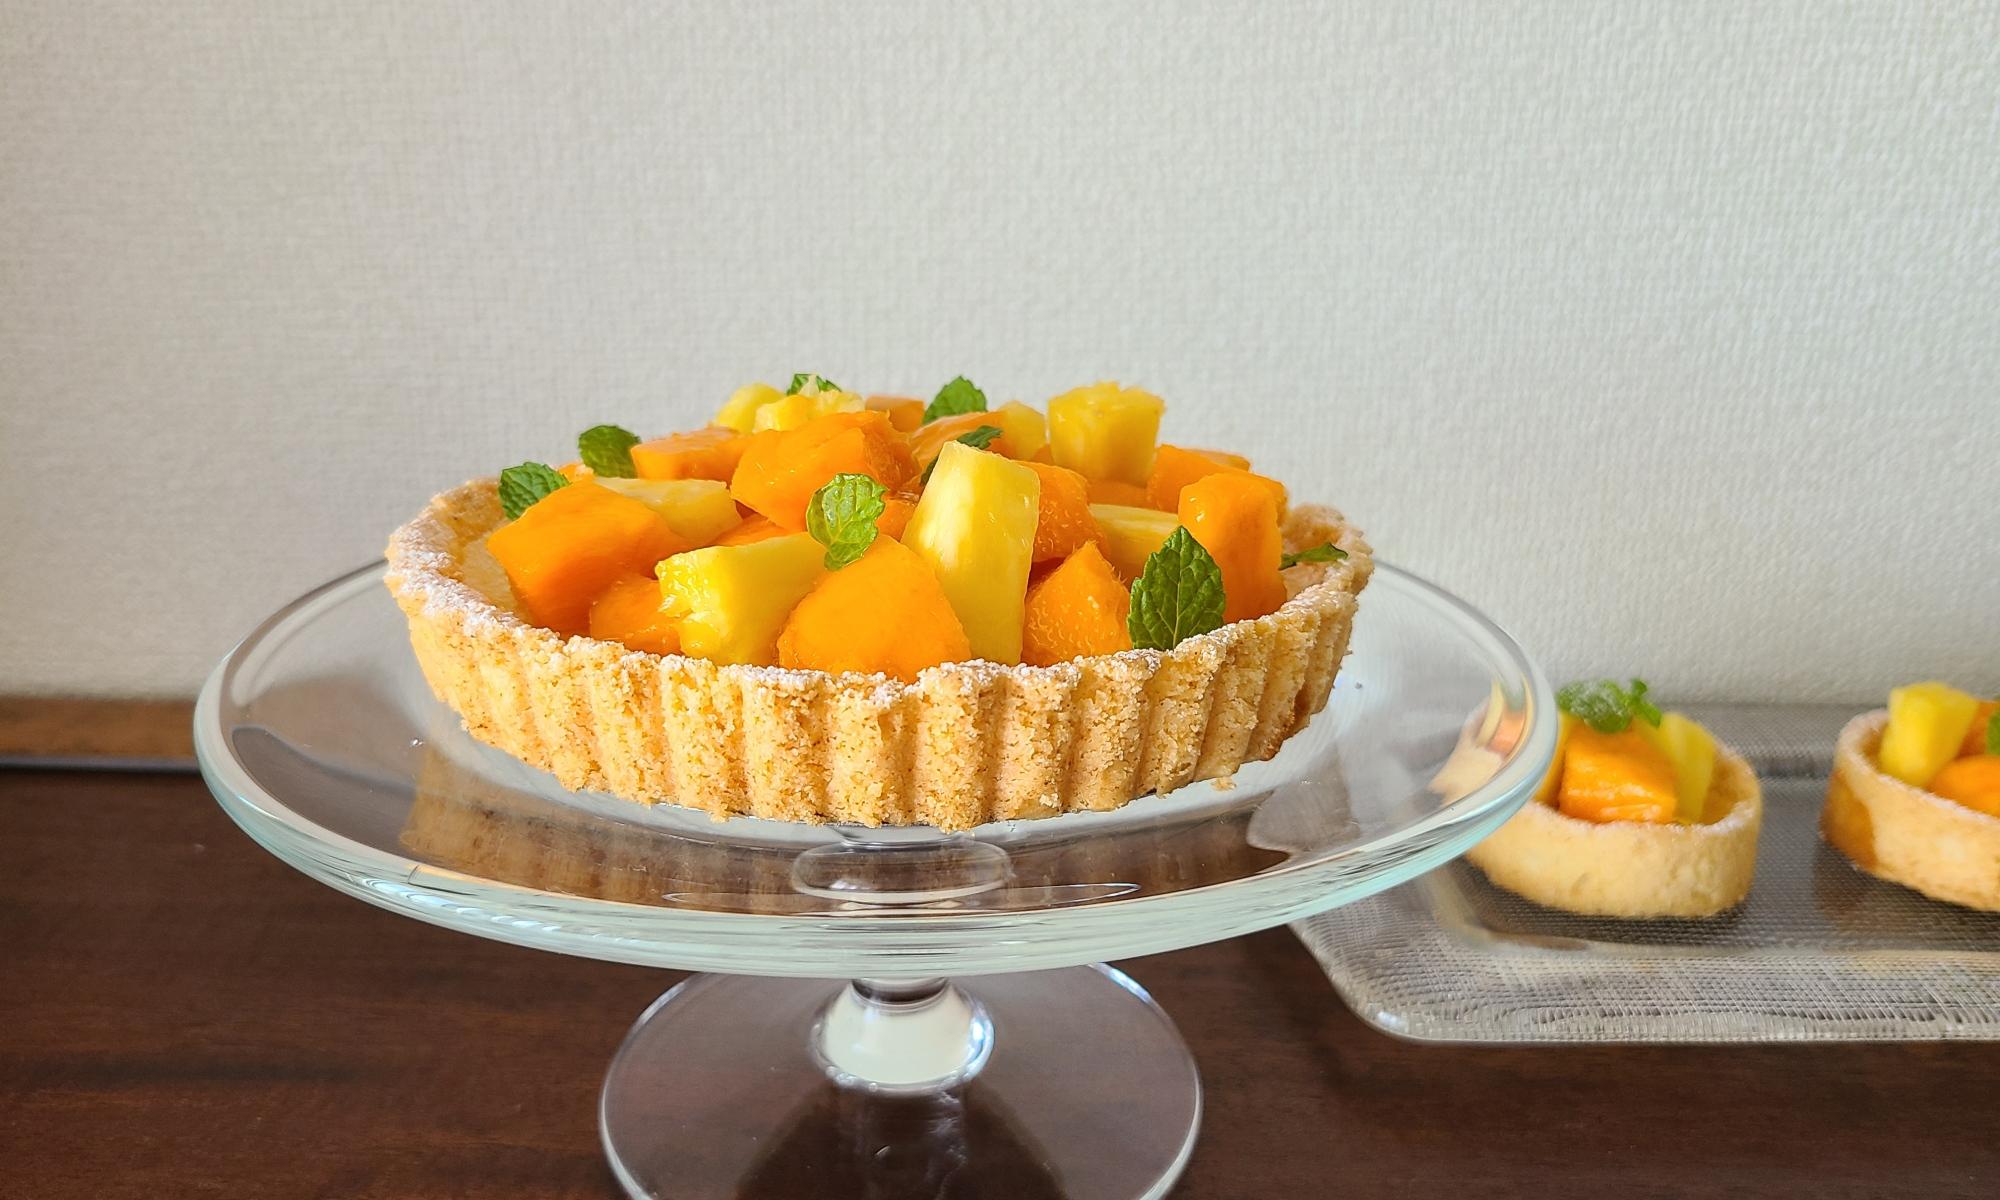 ガラスケーキスタンドにマンゴーパインのチーズタルトが1台